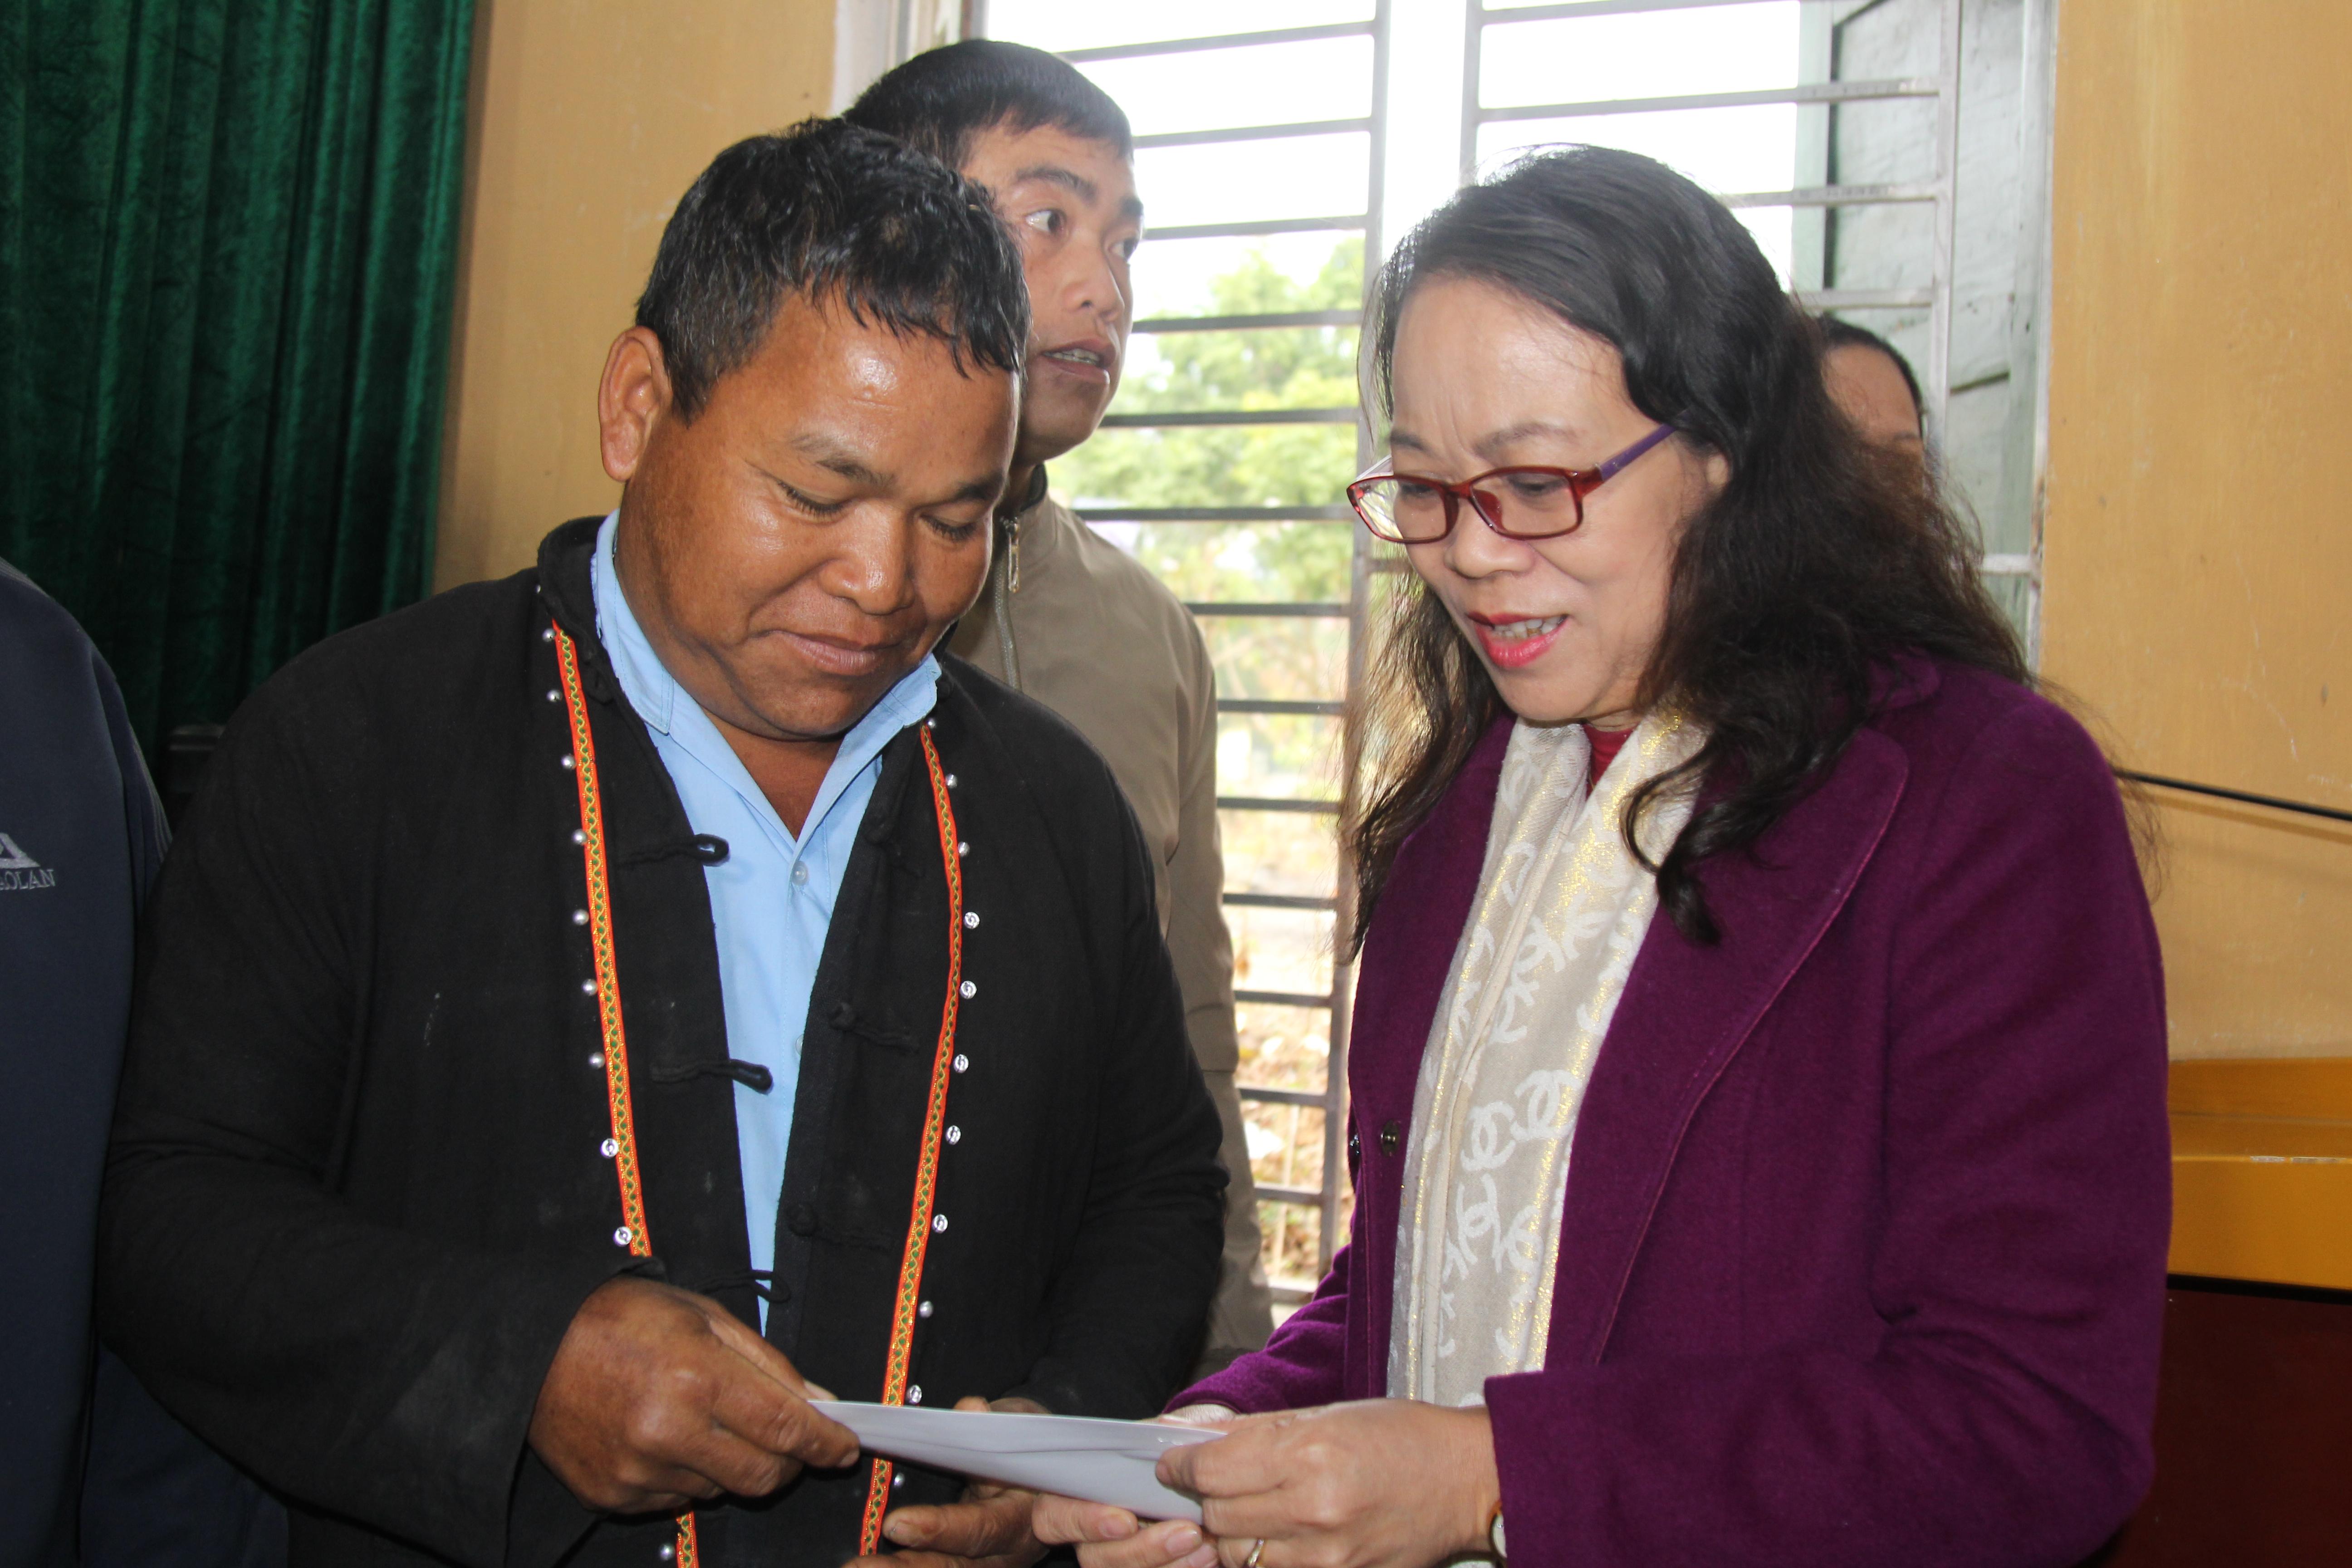 Thứ trưởng, Phó Chủ nhiệm UBDT Hoàng Thị Hạnh thăm hỏi, tặng quà Người có uy tín trong đồng bào DTTS huyện Sốp Cộp (Tháng 01/2021).